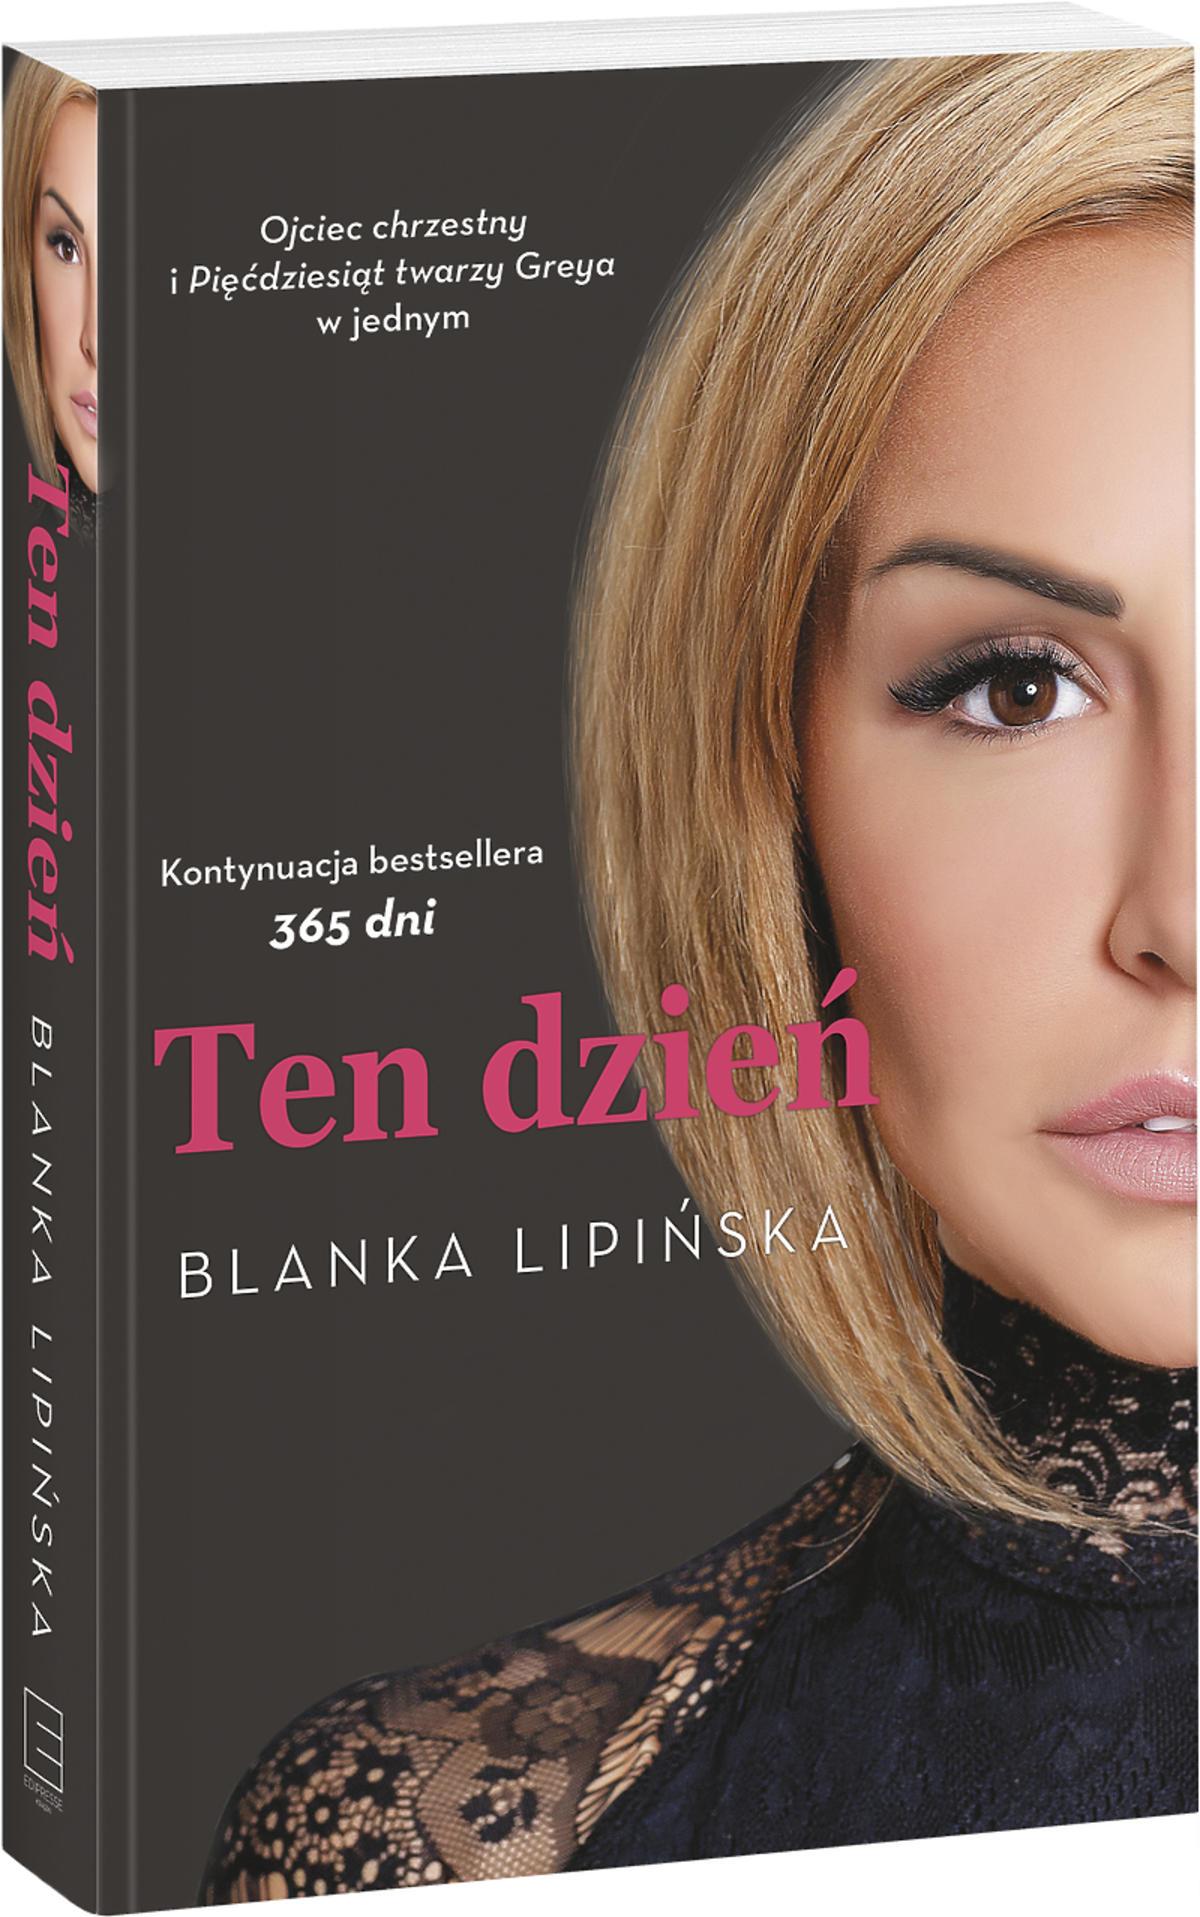 Ten dzień - książka Blanki Lipińskiej